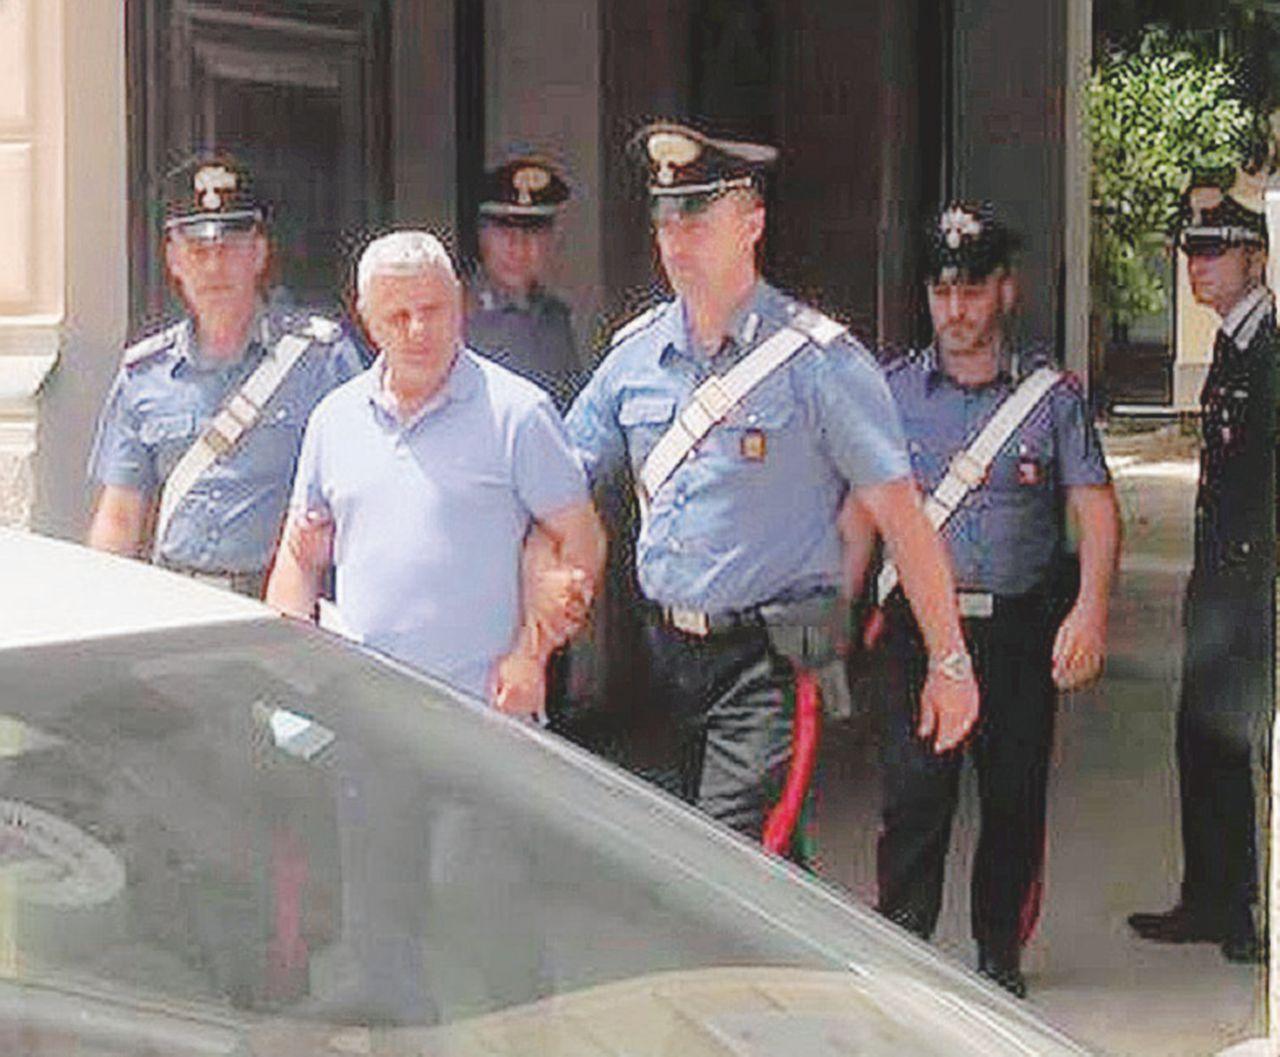 Arrestato Onofrio Fratello: condannato per mafia, gestiva coop di accoglienza